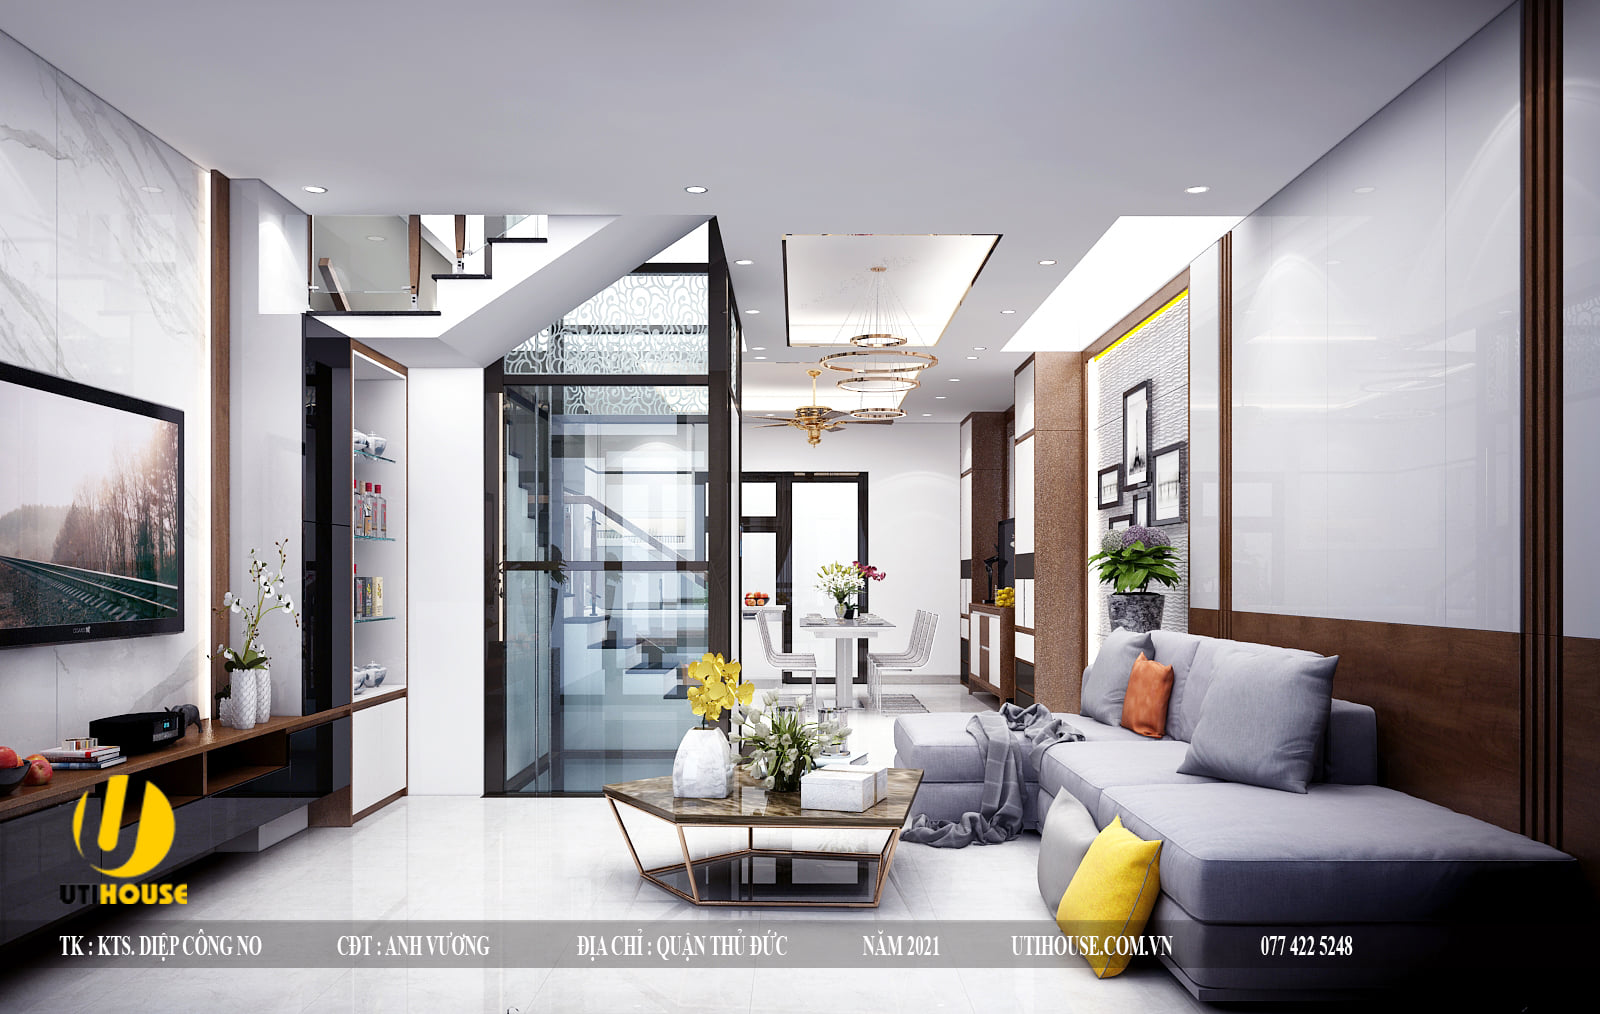 Mẫu thiết kế nội thất chung cư 70m2 siêu hiện đại